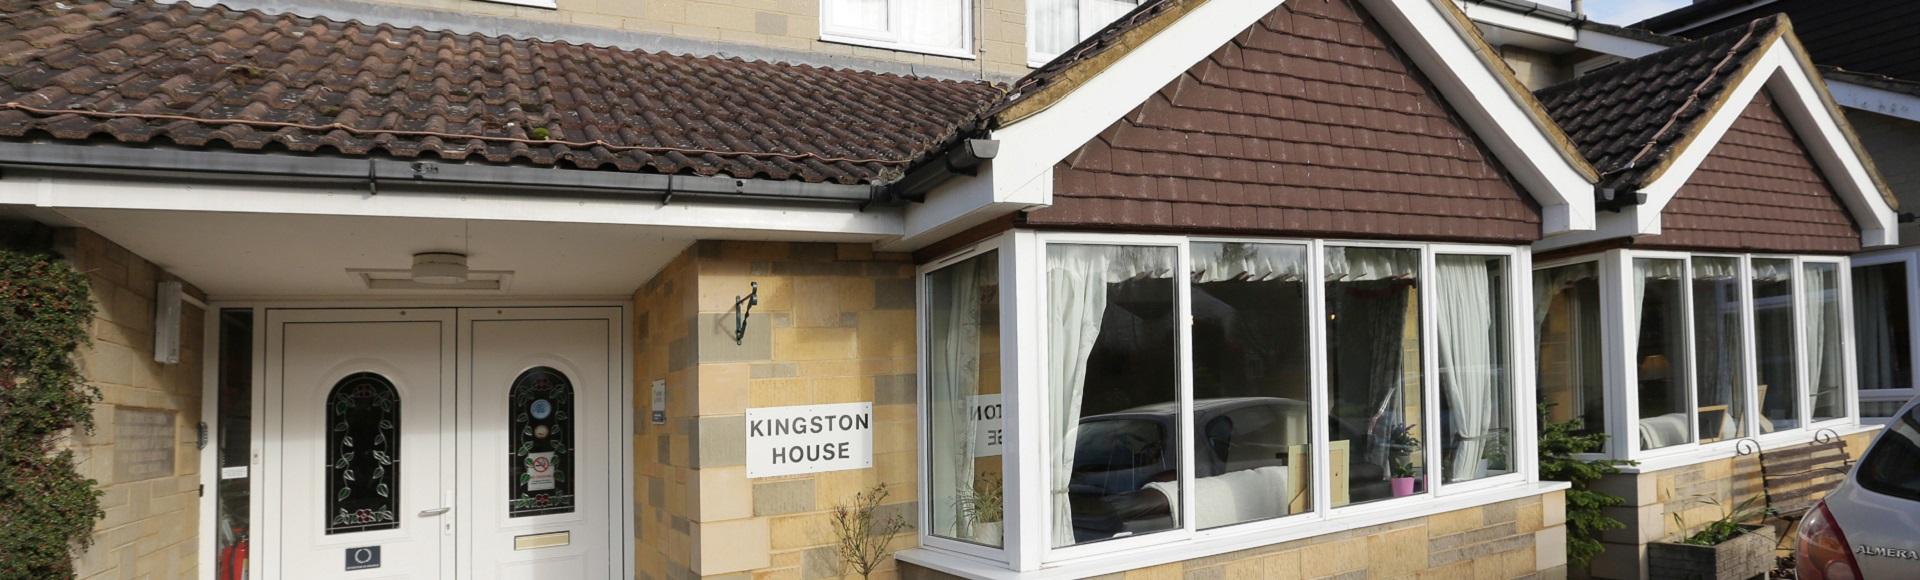 Devizes Care Home Kingston House